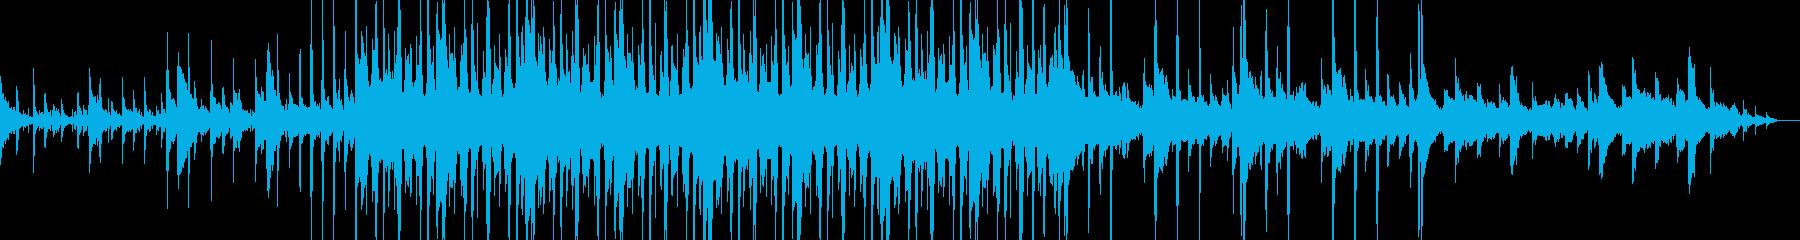 Lo-Fiで悲しげなジャズホップの再生済みの波形